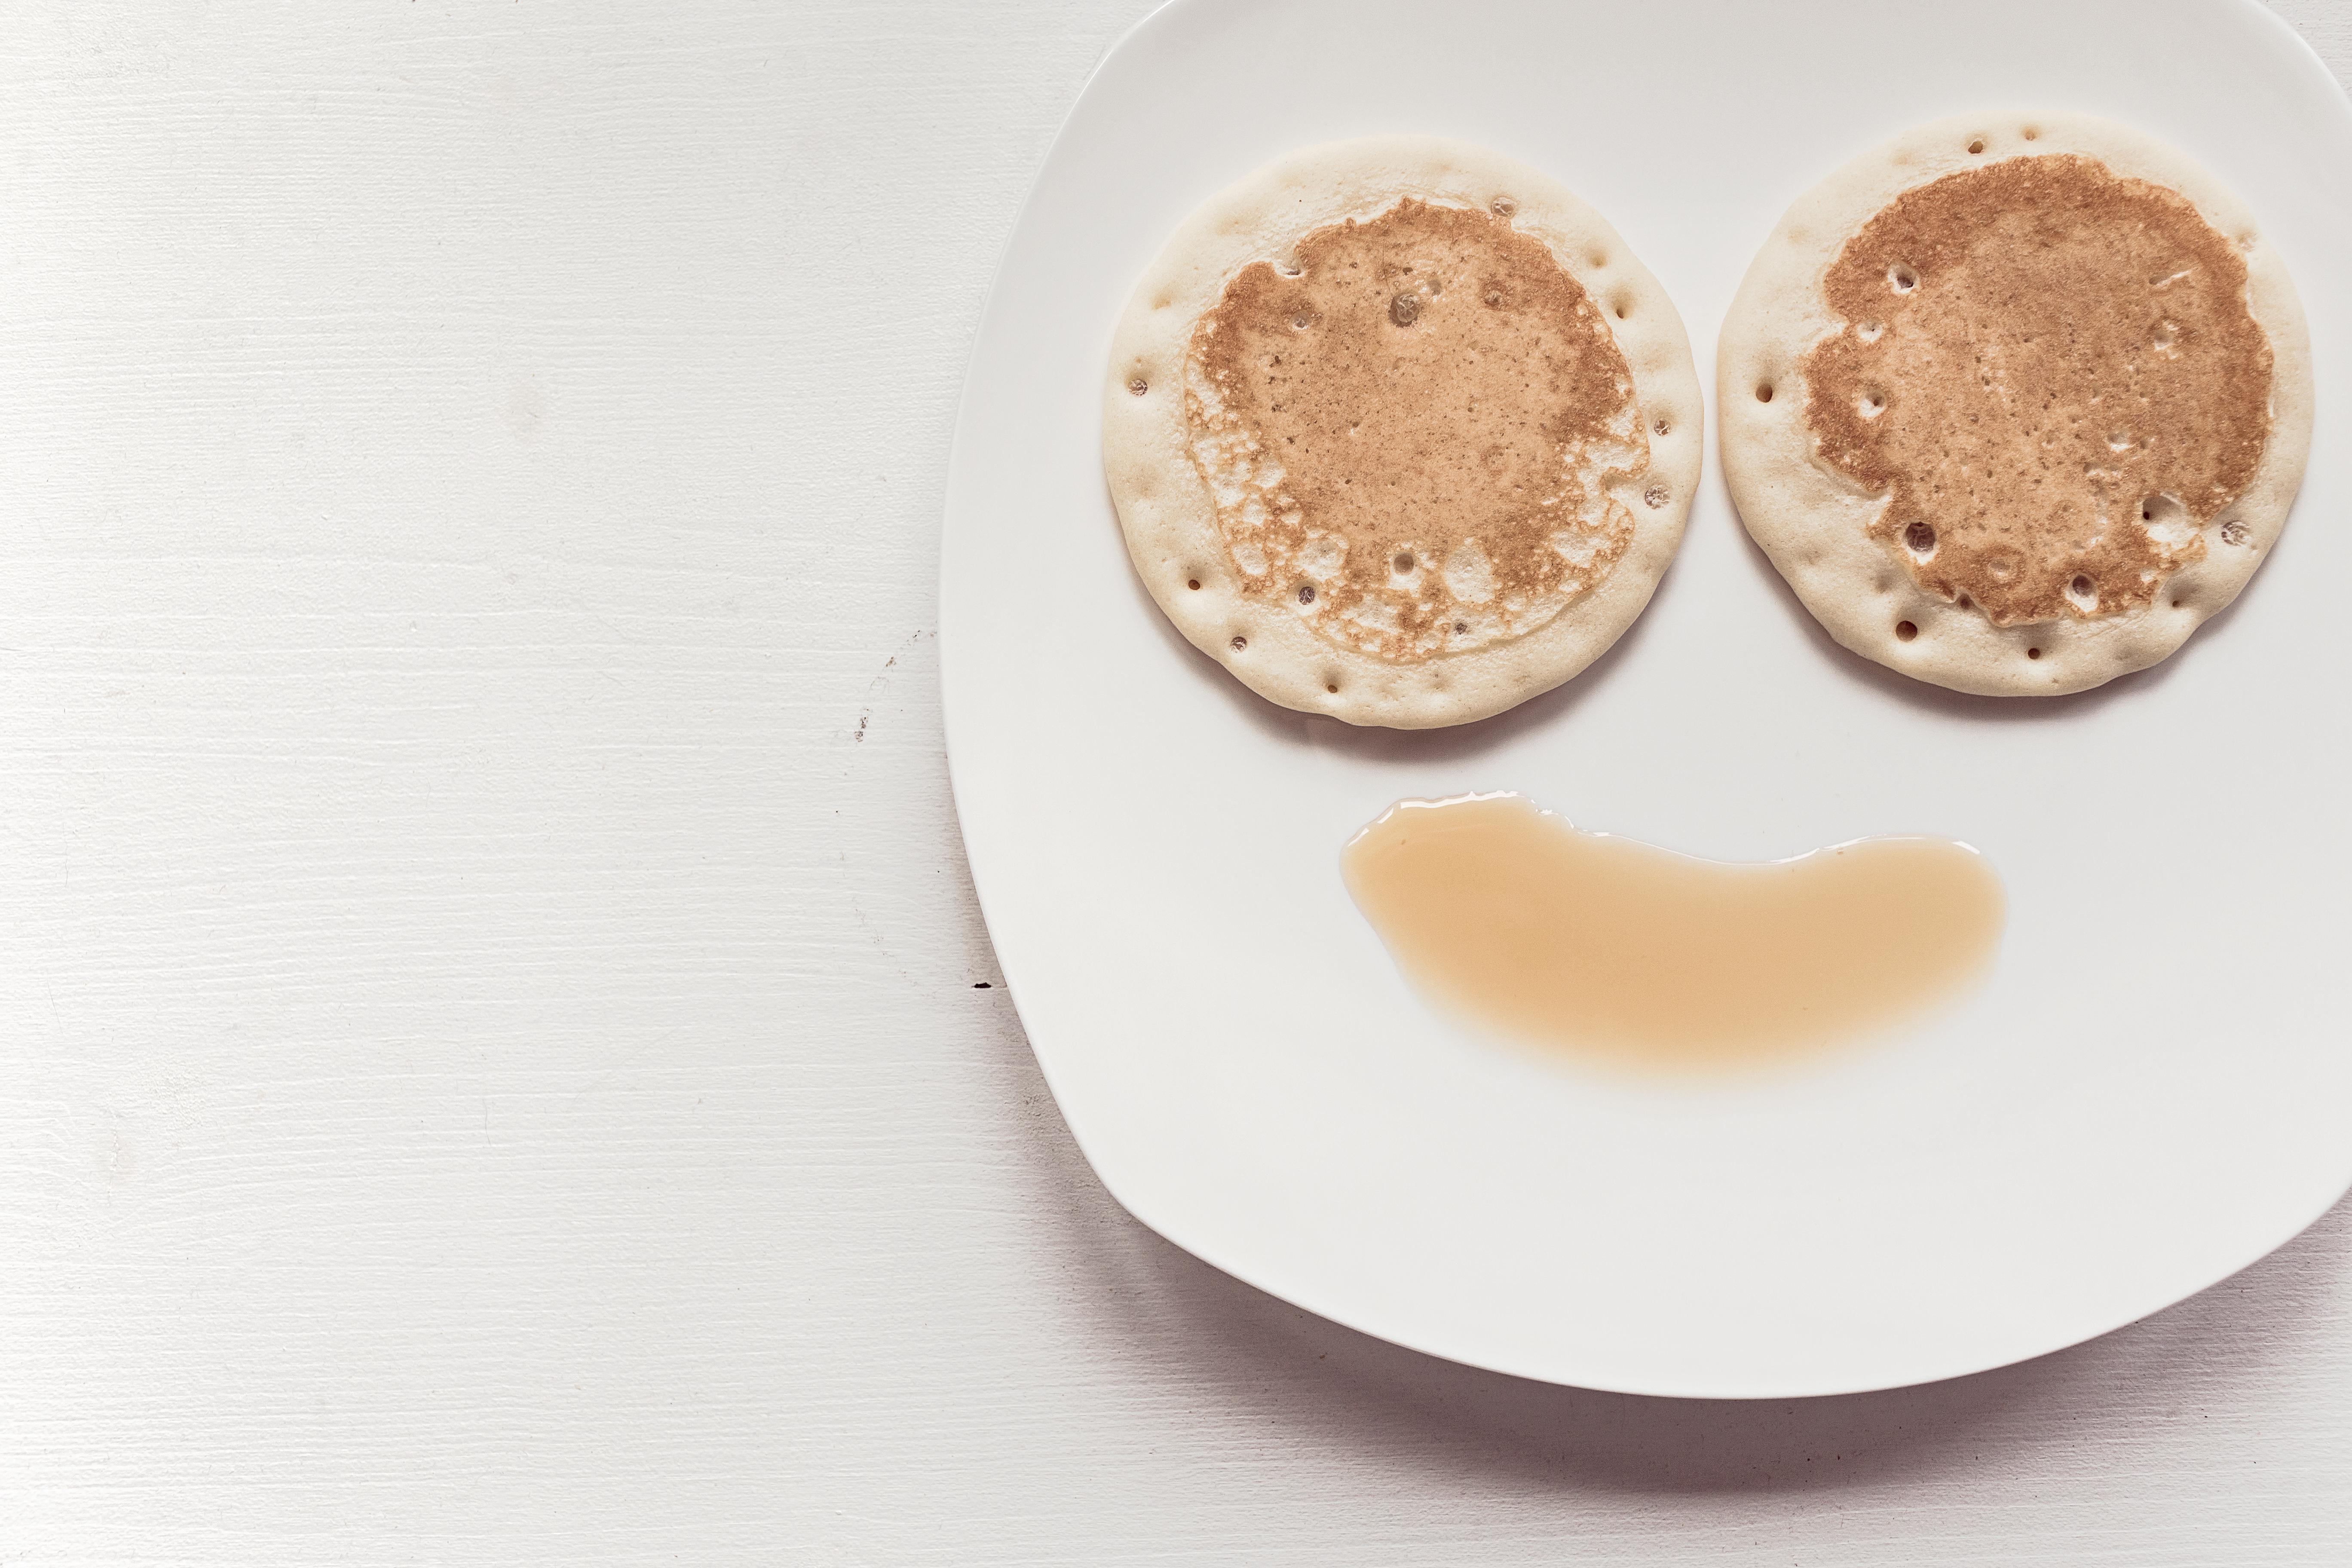 foodplatemorningbreakfast image